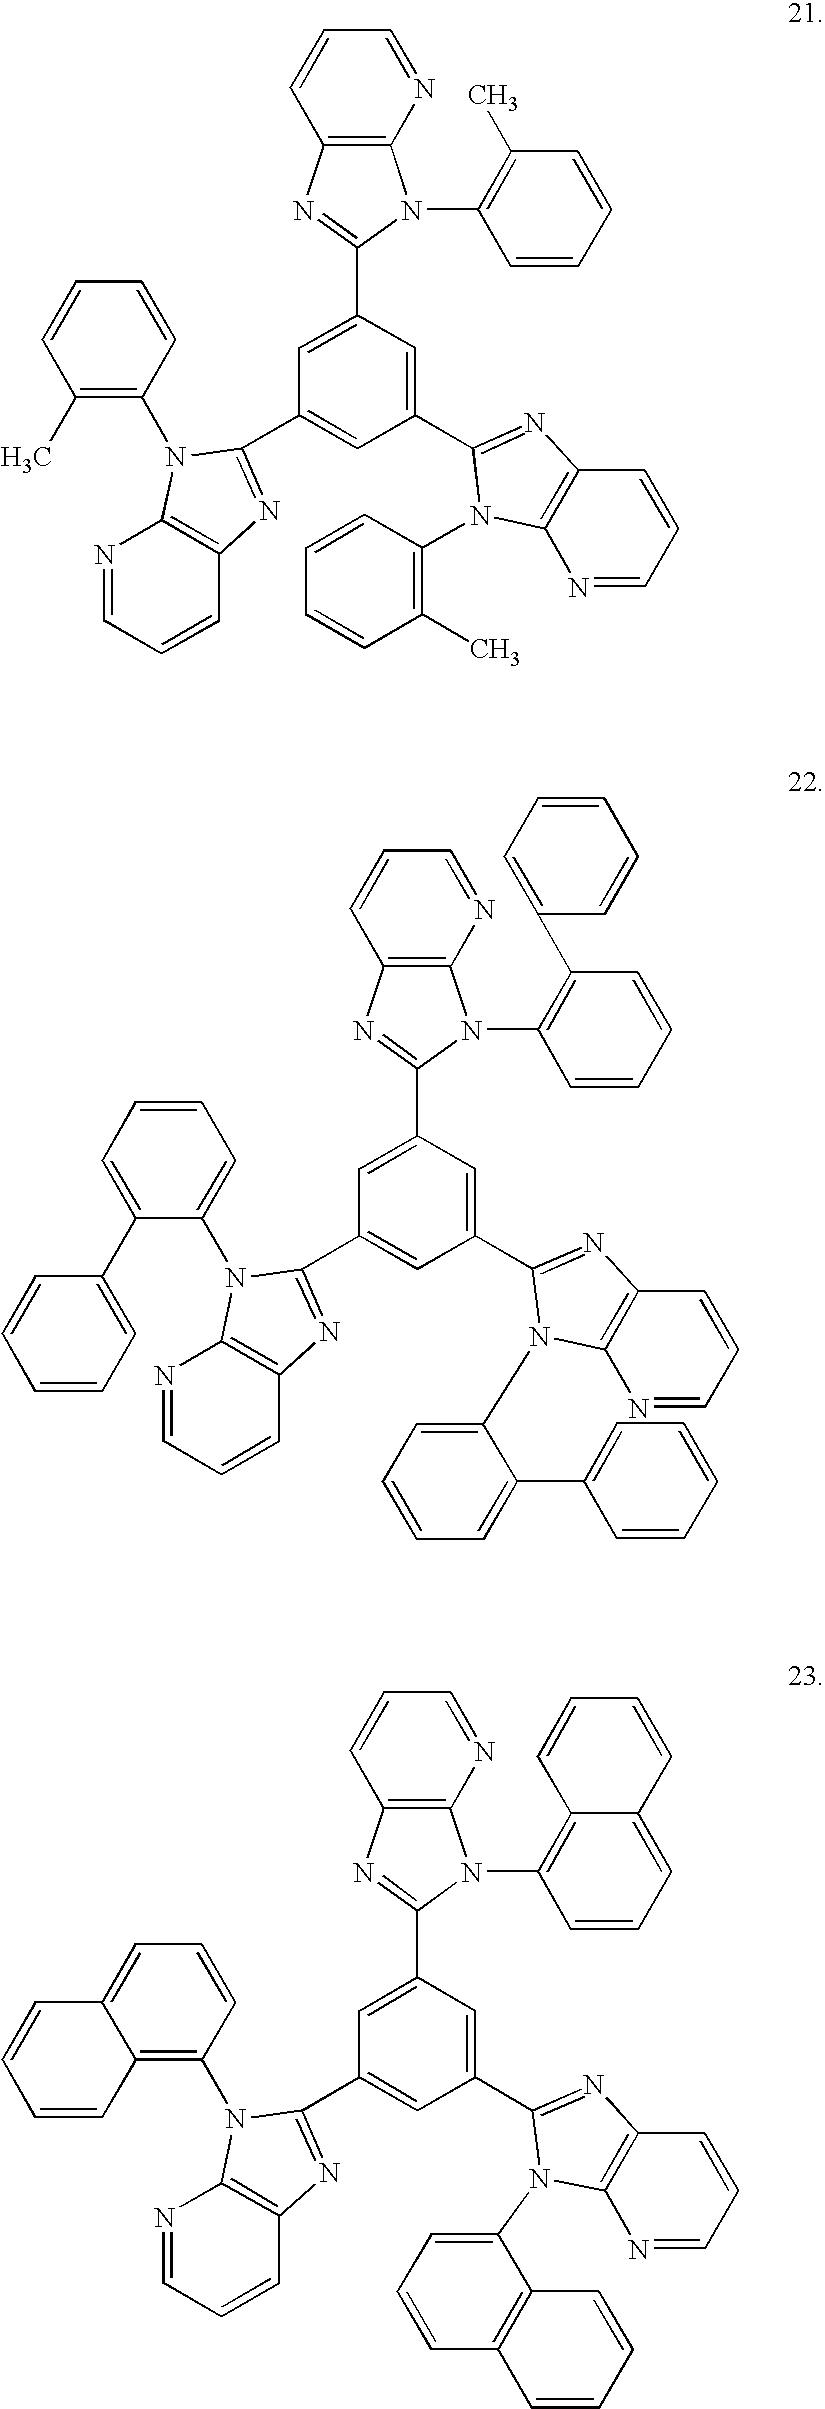 Figure US20060054987A1-20060316-C00002